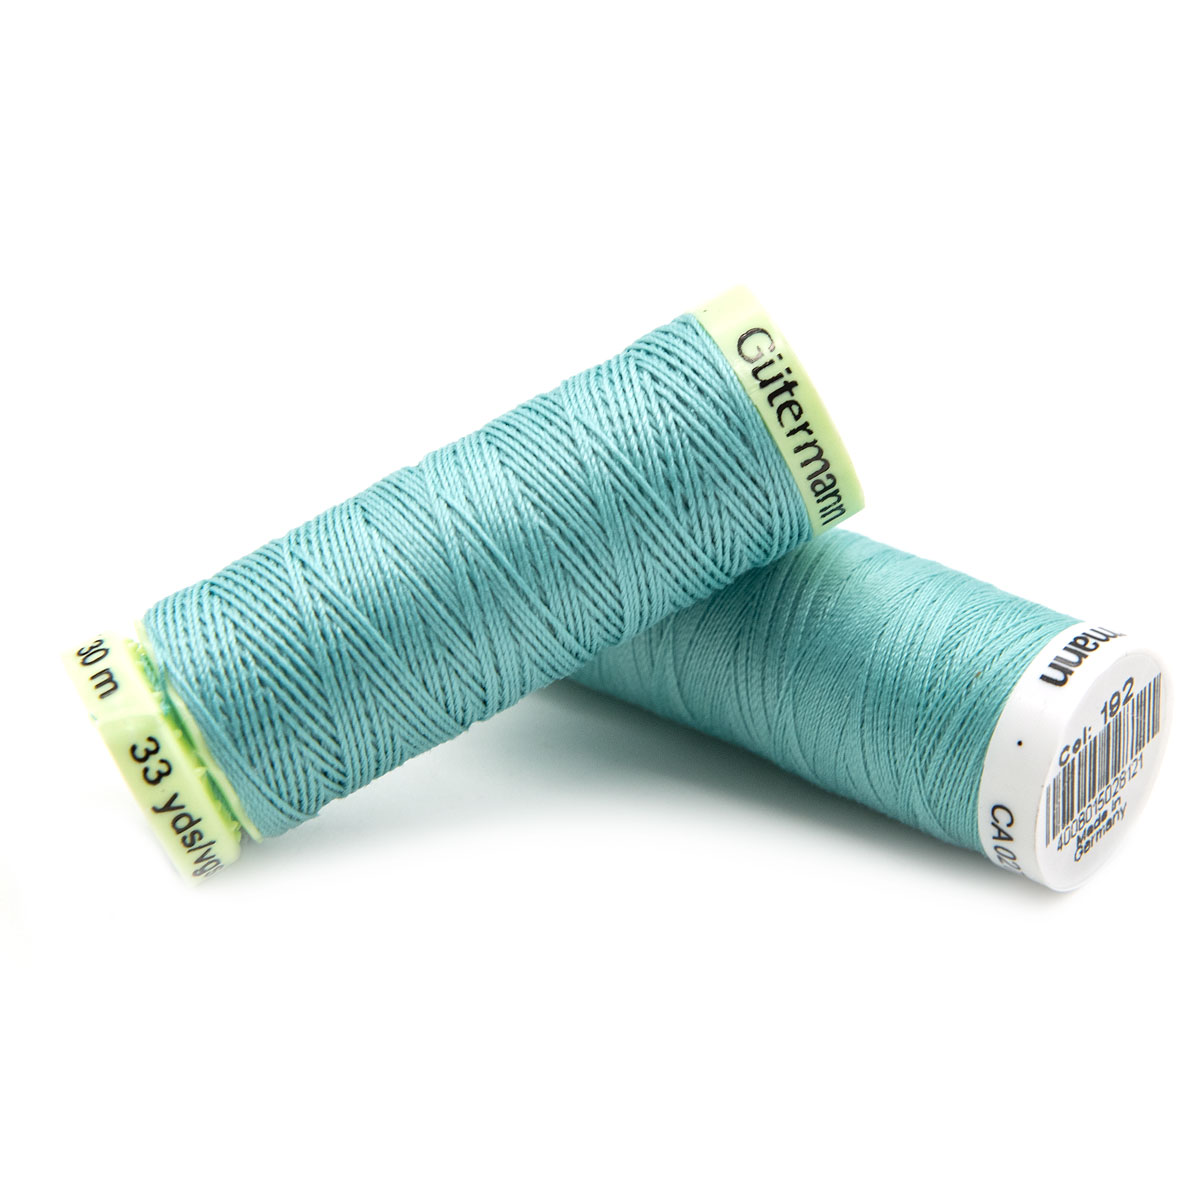 Набор швейных нитей (744506 Нить Top Stitch 30м, 748277 Нить Sew-All 200м) 2шт/упак Гутерманн, 192 багамы